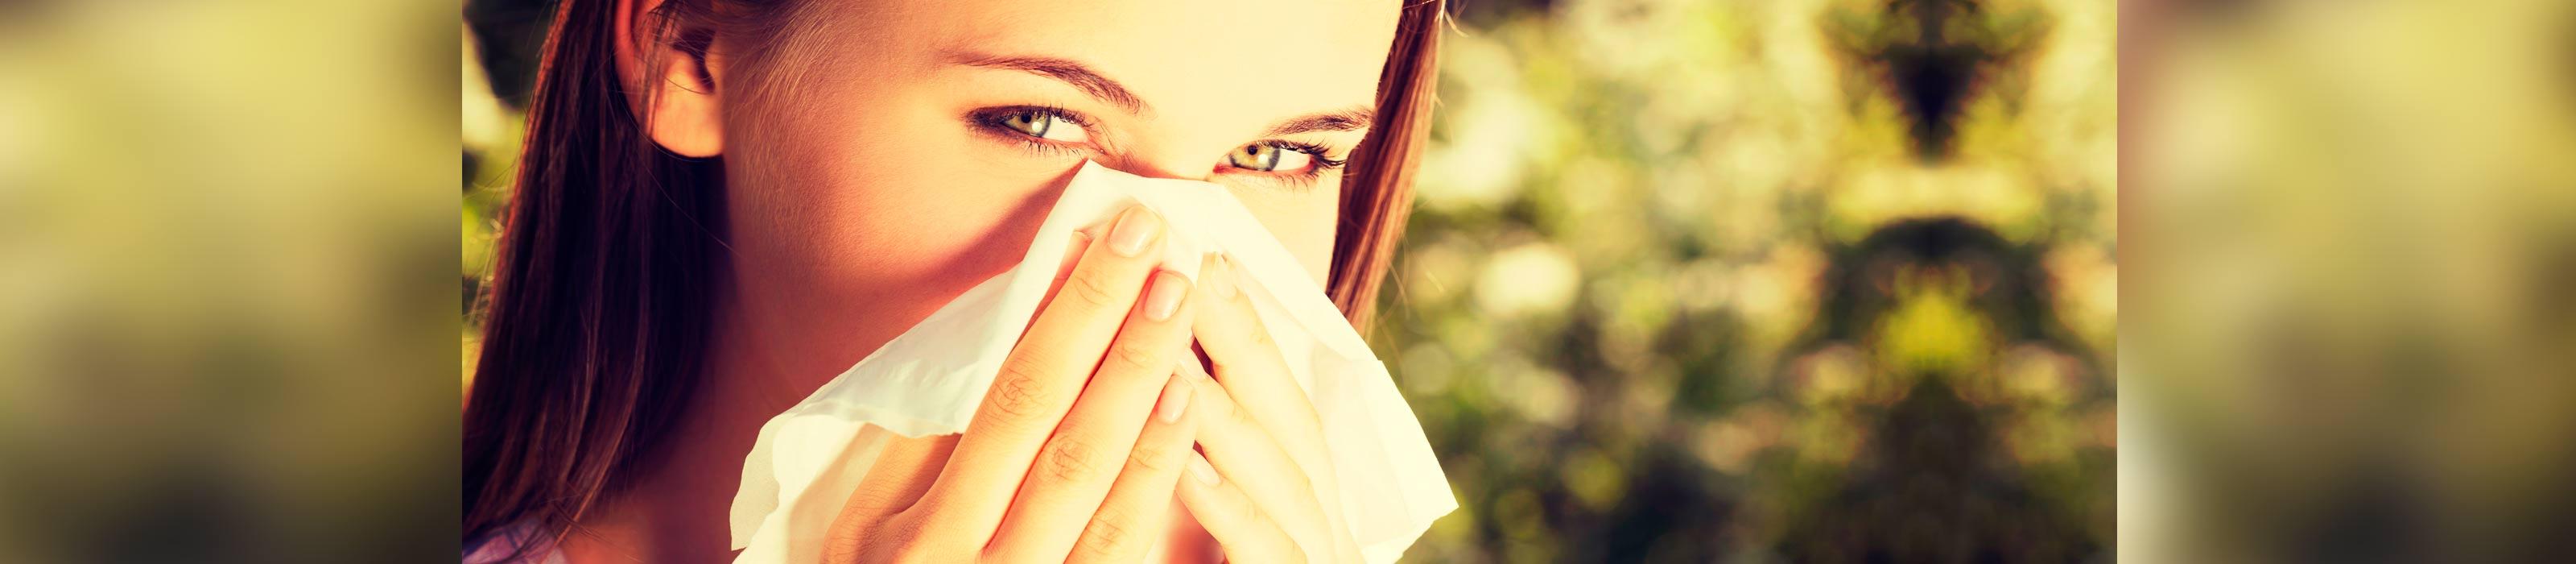 Alergia en los ojos y Vispring